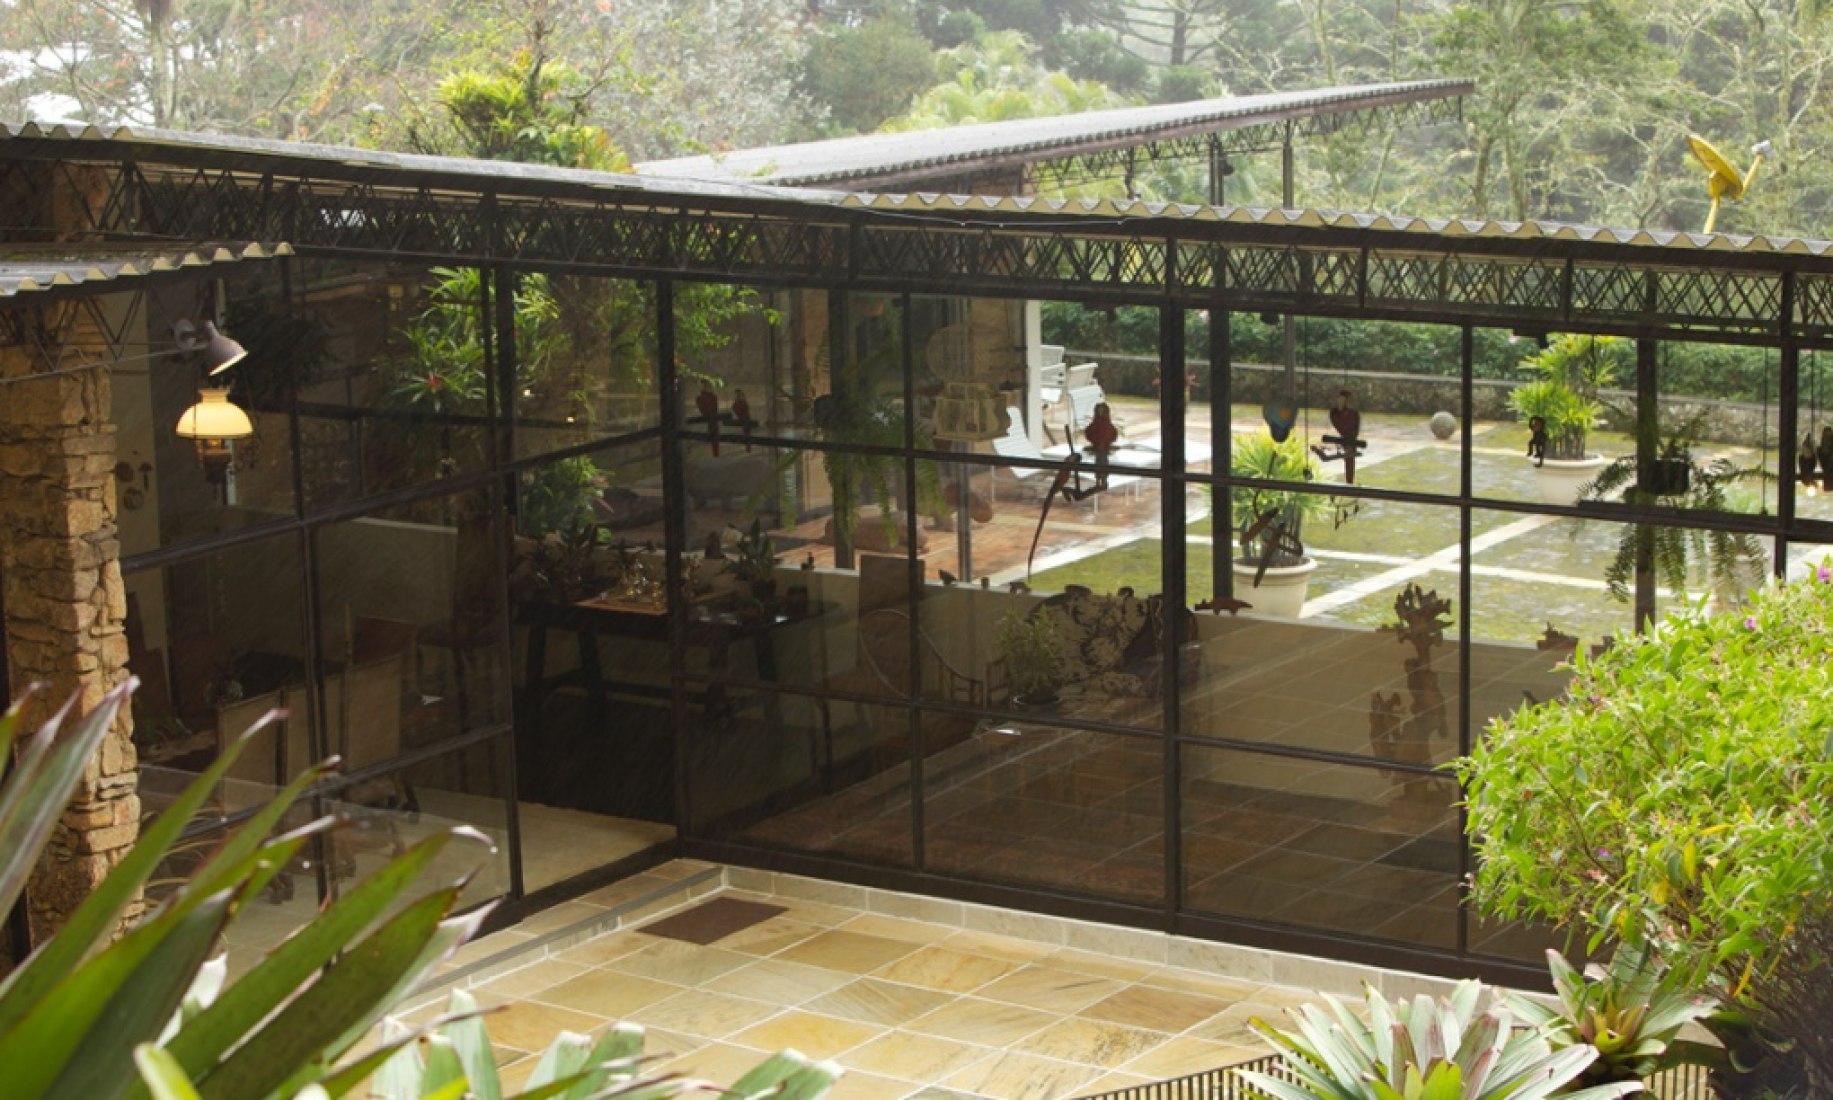 The house Bernardes designed for fellow architect Lota de Macedo Soares in Petrópolis, Brazil. Bernardes could design 25 homes a month. Photograph © Arquivo Sérgio Bernardes.